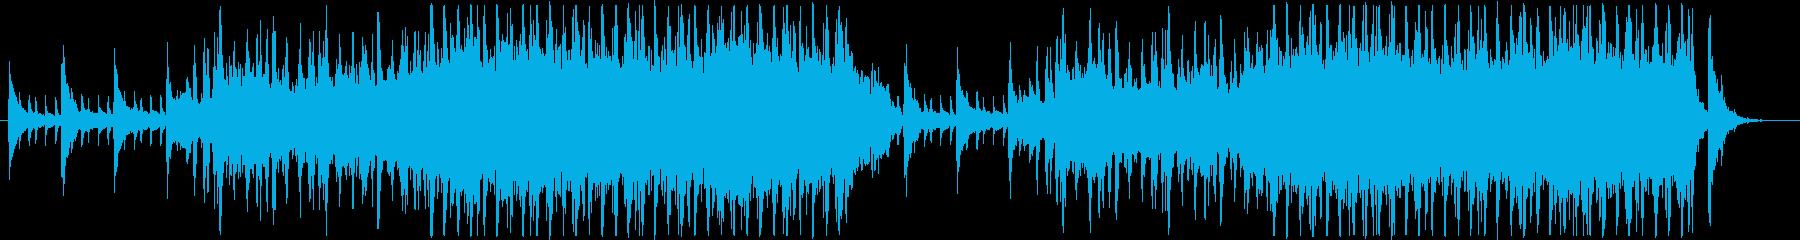 気品漂うリズム付オーケストラ曲(メロ有)の再生済みの波形